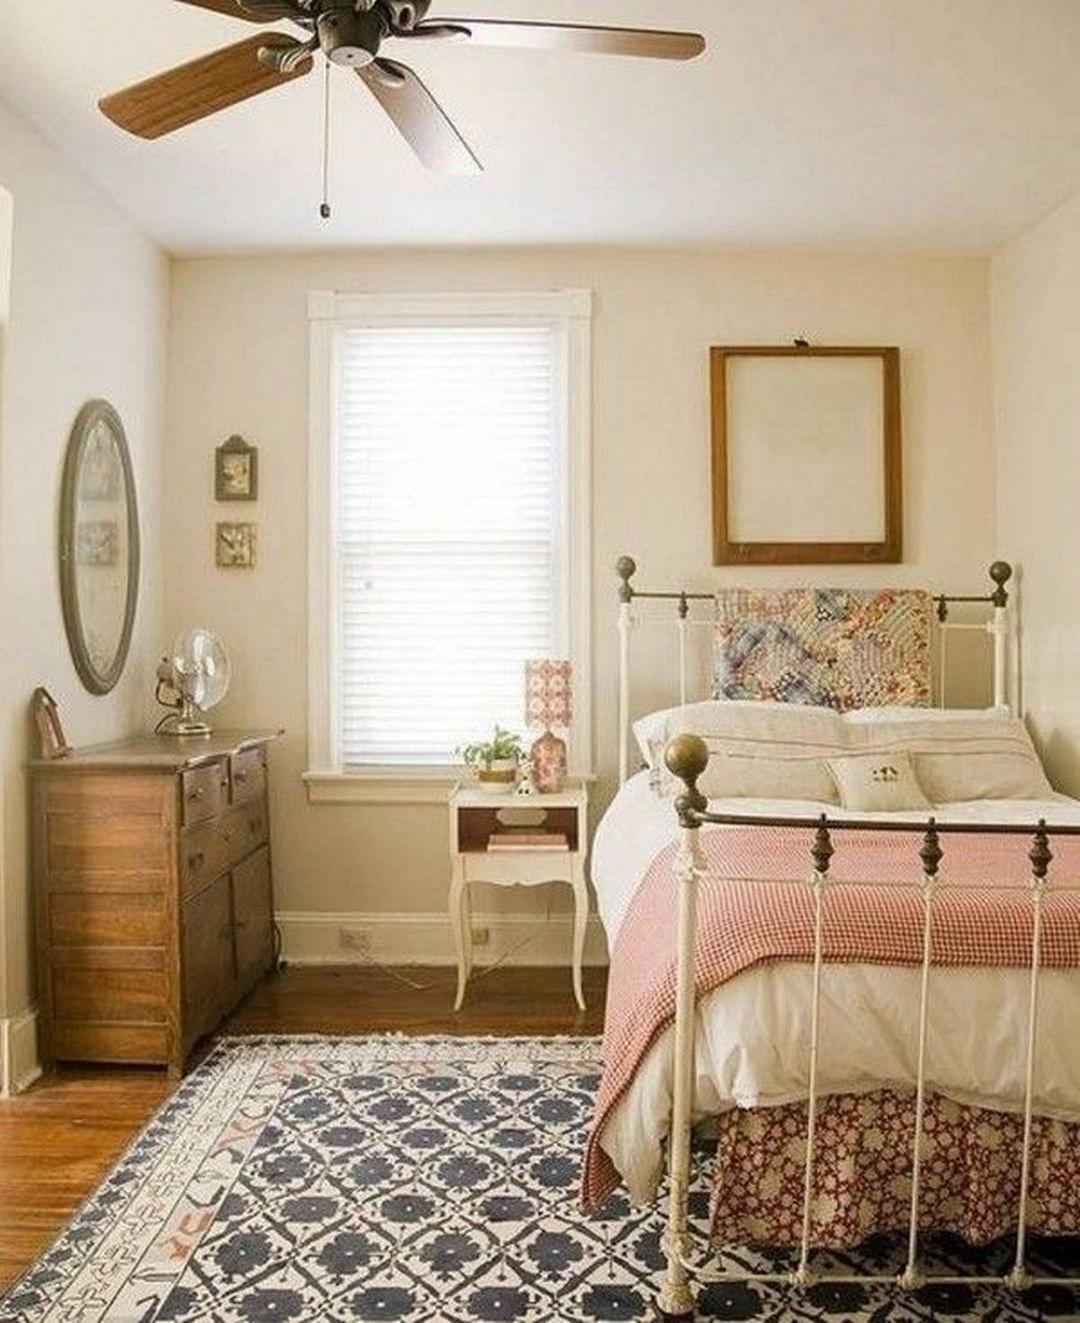 80 Cozy Small Bedroom Interior Design Ideas